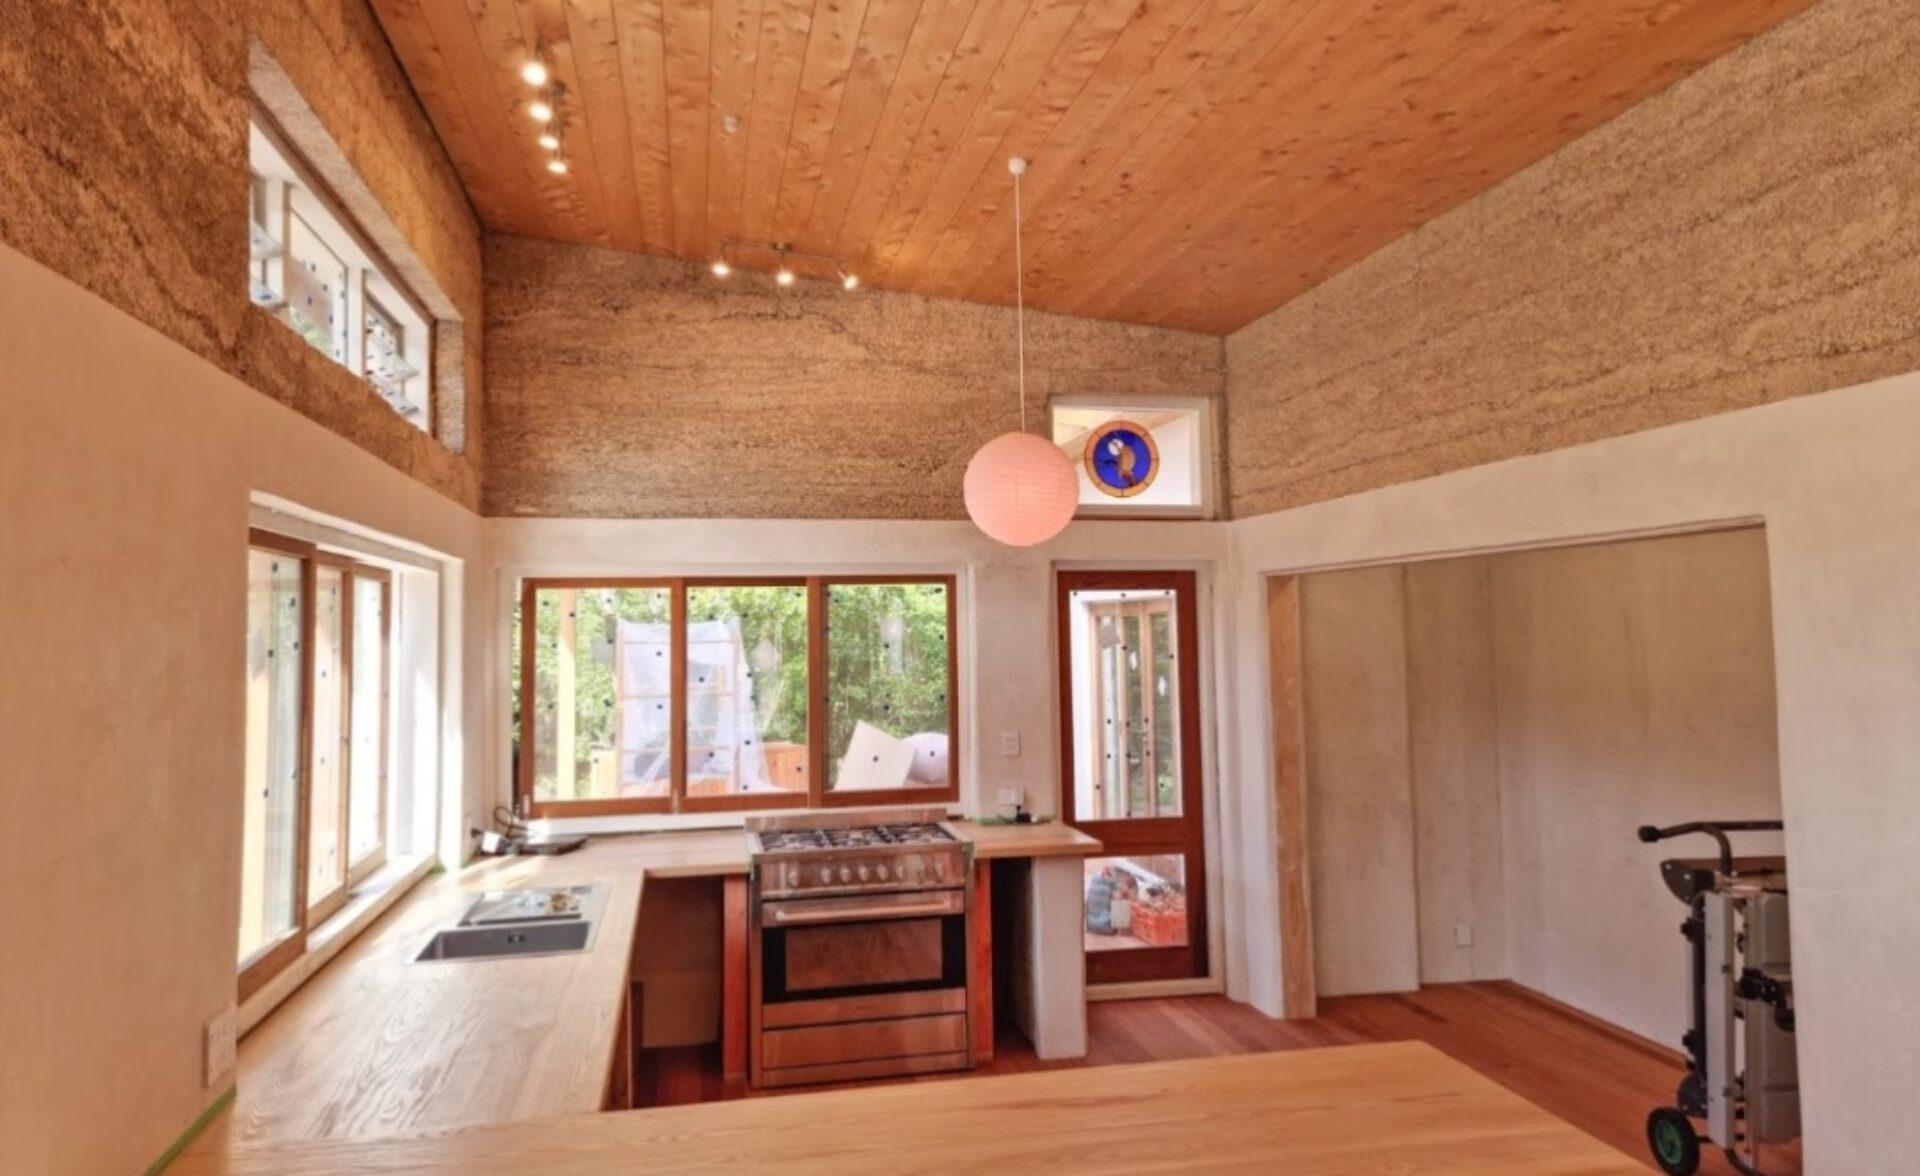 Design Timber Doors & Windows Ltd